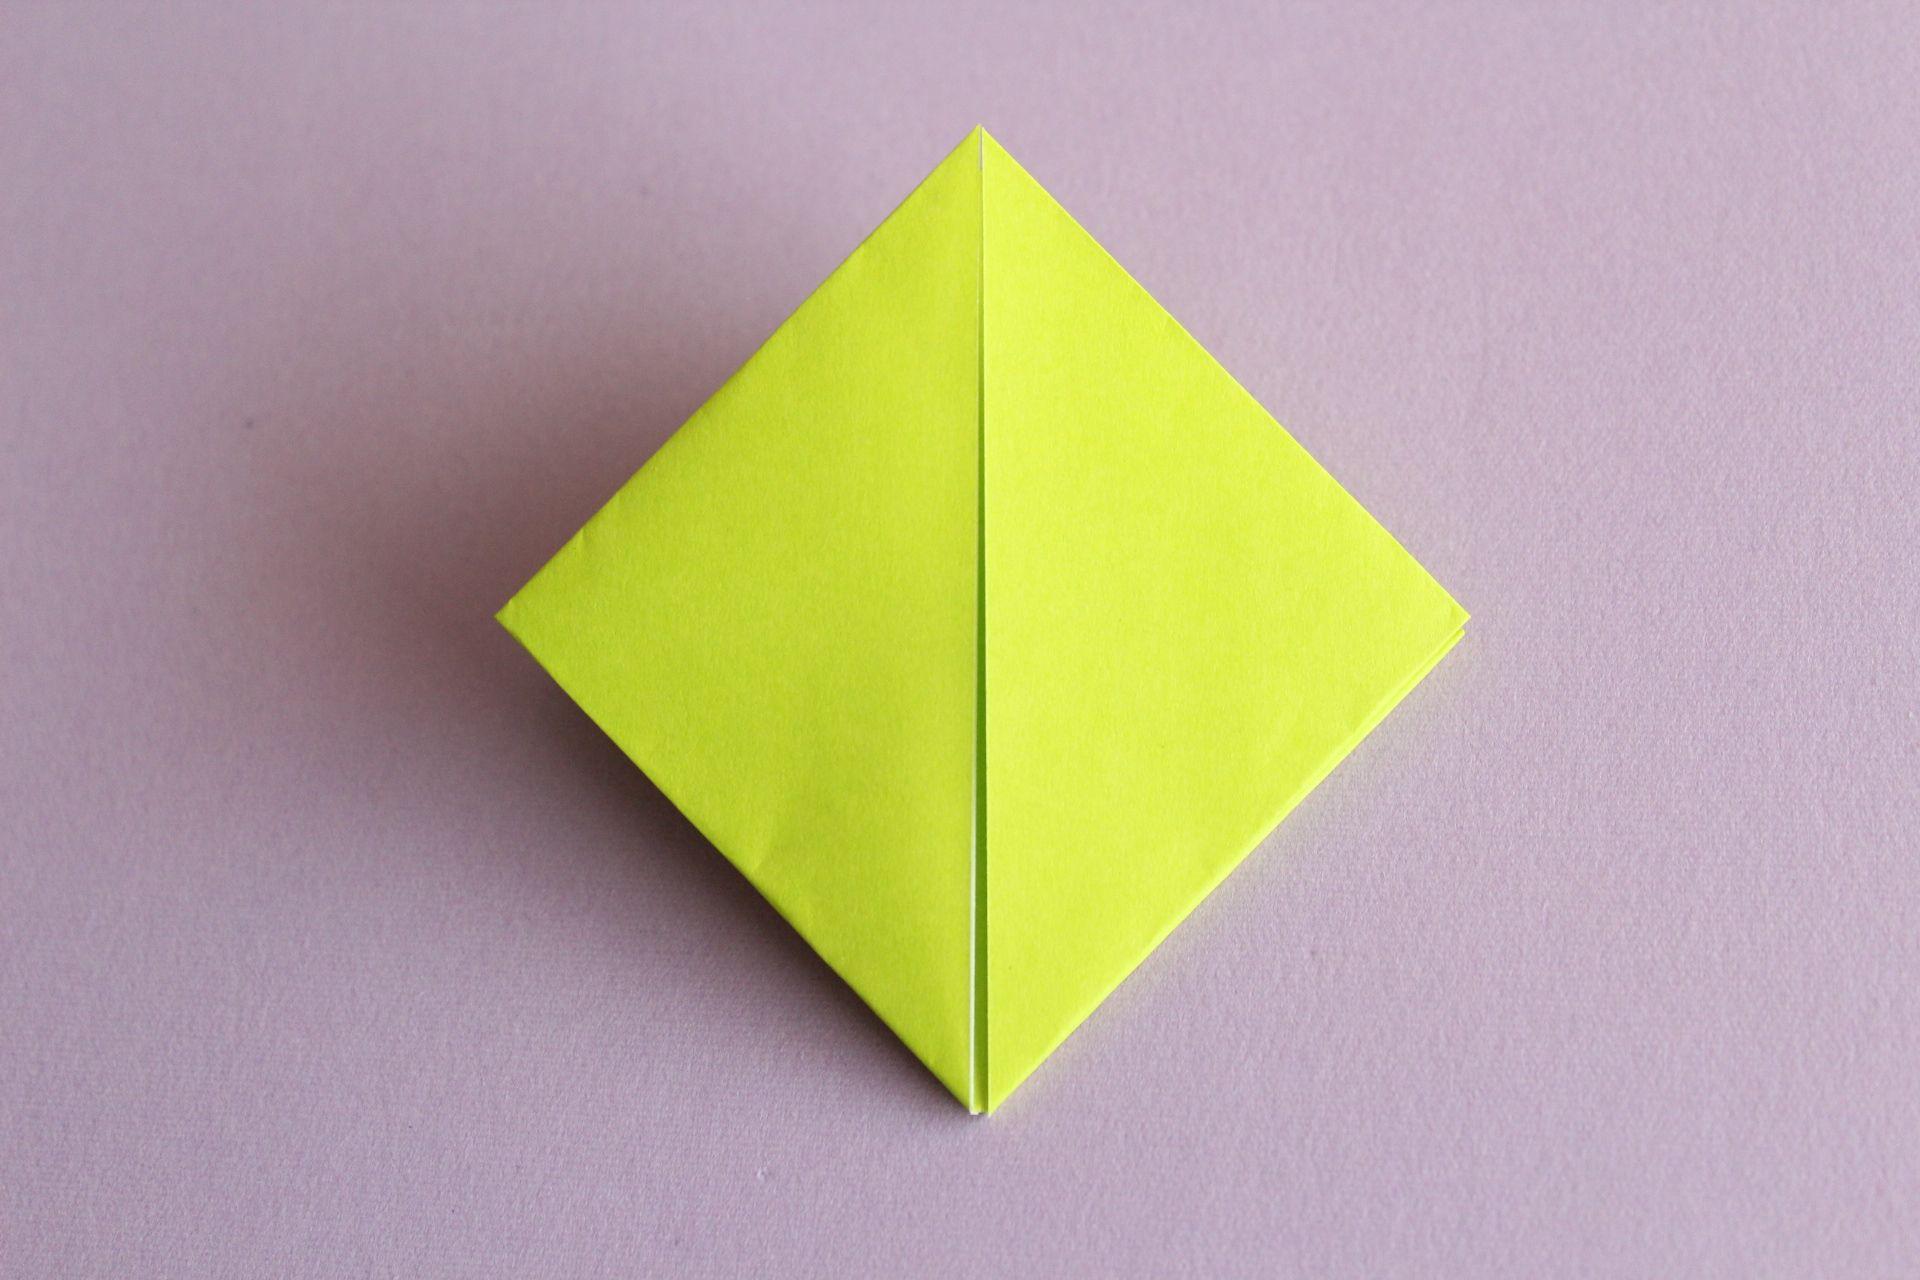 Make an Origami Balloon | Origami balloon, Origami cube, Origami ... | 1280x1920